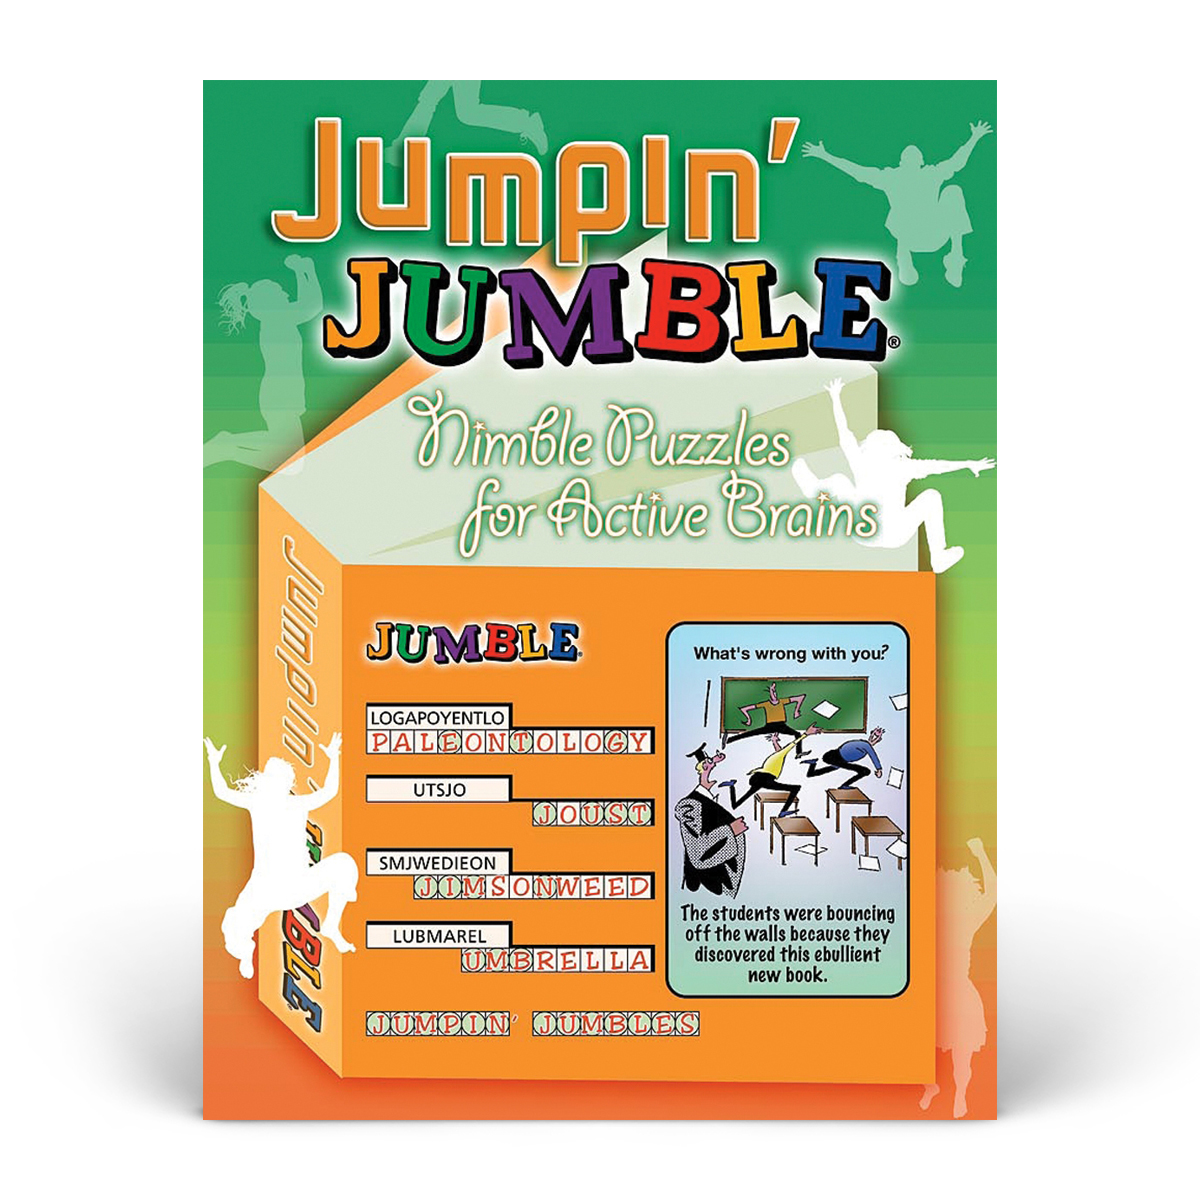 Jumpin' Jumble!